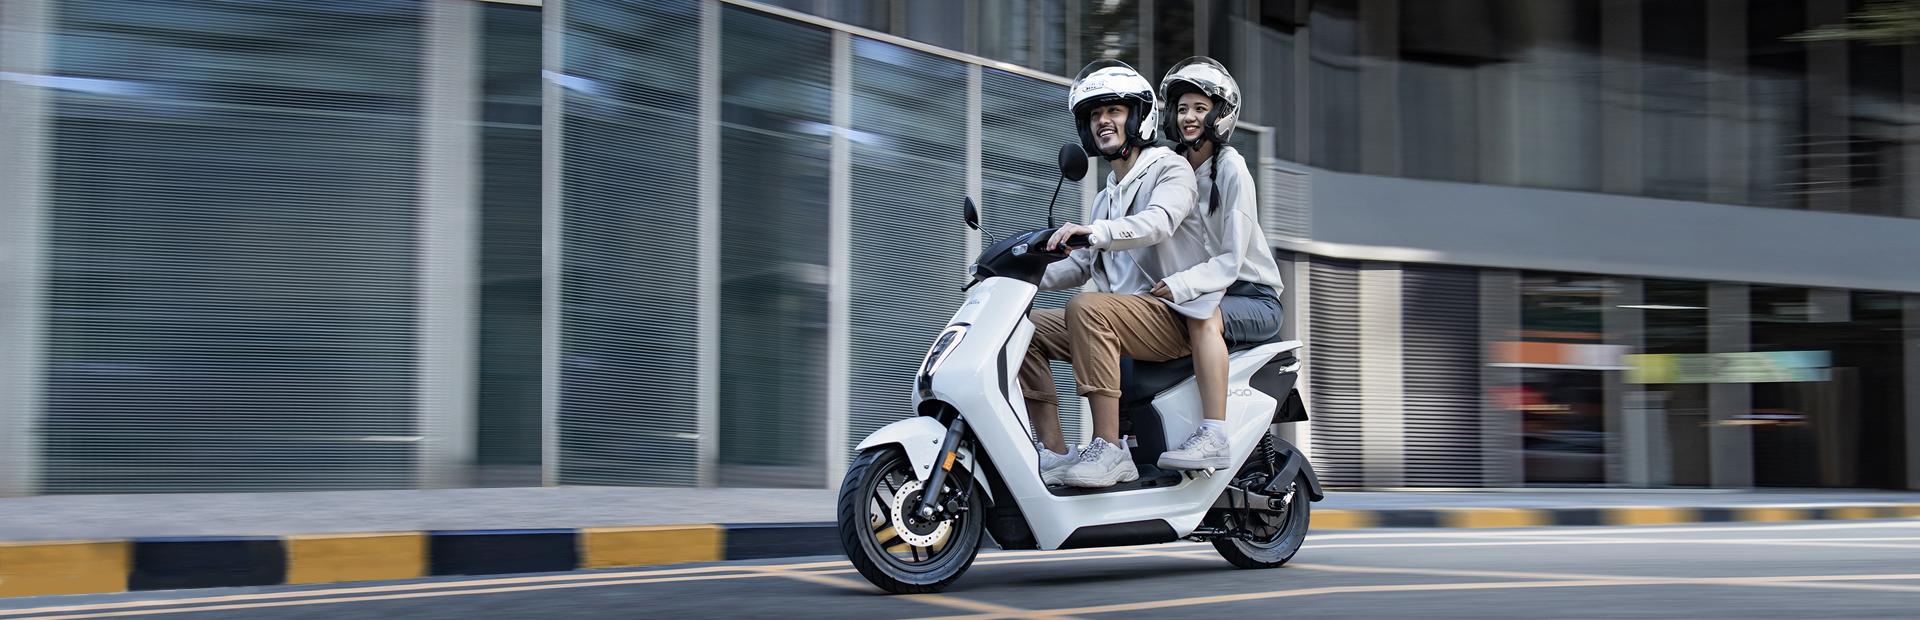 motos electricas de honda